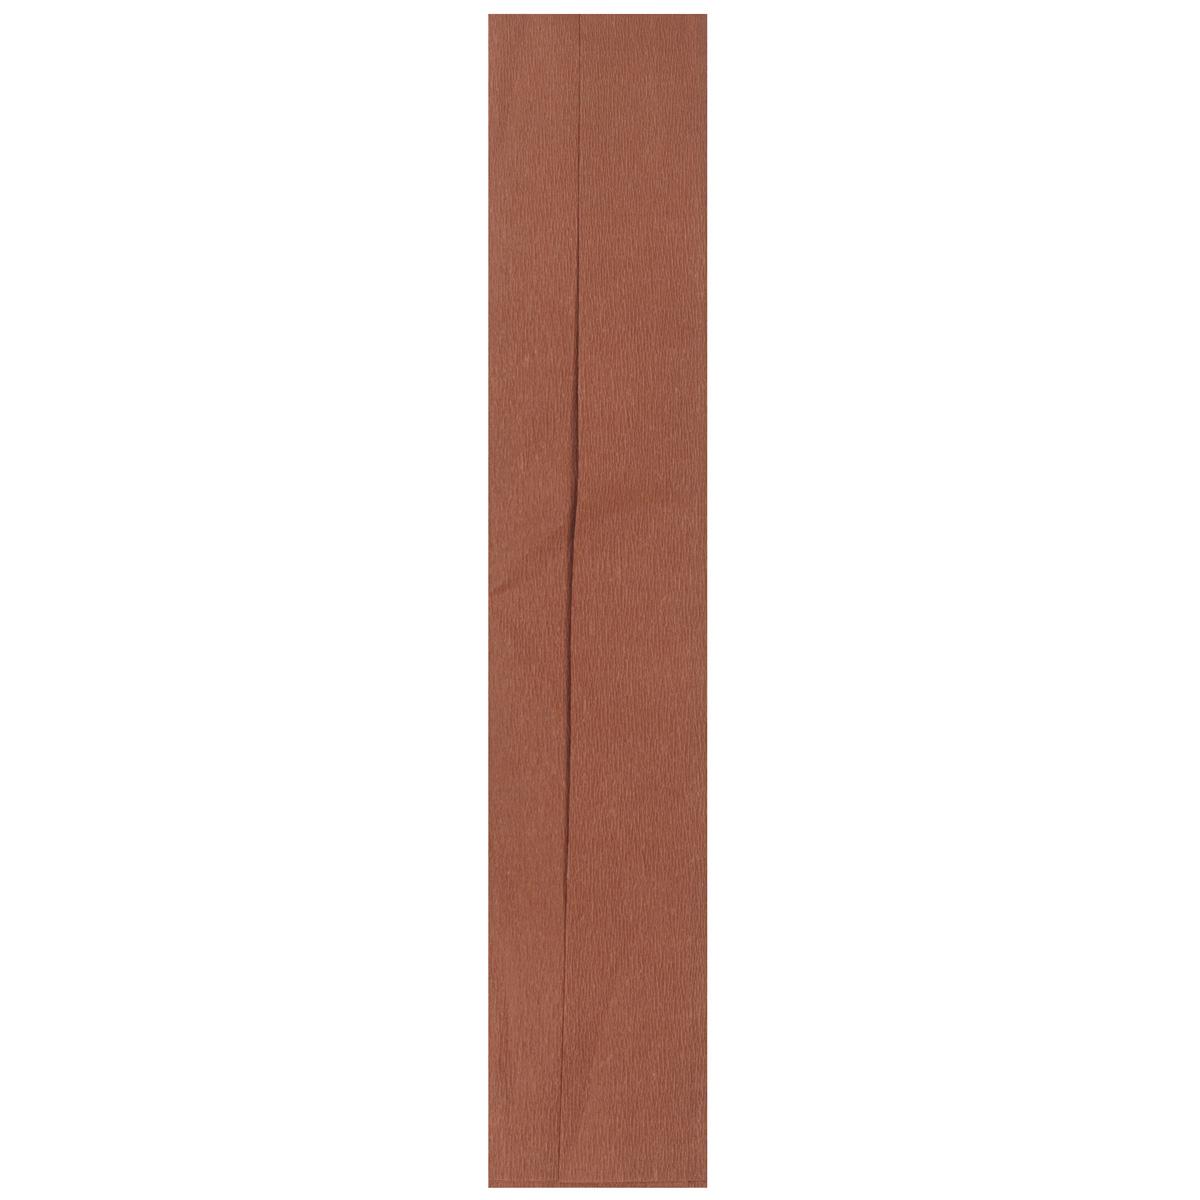 Бумага креповая Folia, цвет: коричневый (61), 50 см x 2,5 м7704392_61Бумага креповая Folia - прекрасный материал для декорирования, украшения интерьера, изготовления искусственных цветов, эффектной упаковки и различных поделок. Бумага прекрасно держит форму, отлично крепится и замечательно подходит для изготовления праздничной упаковки для цветов.